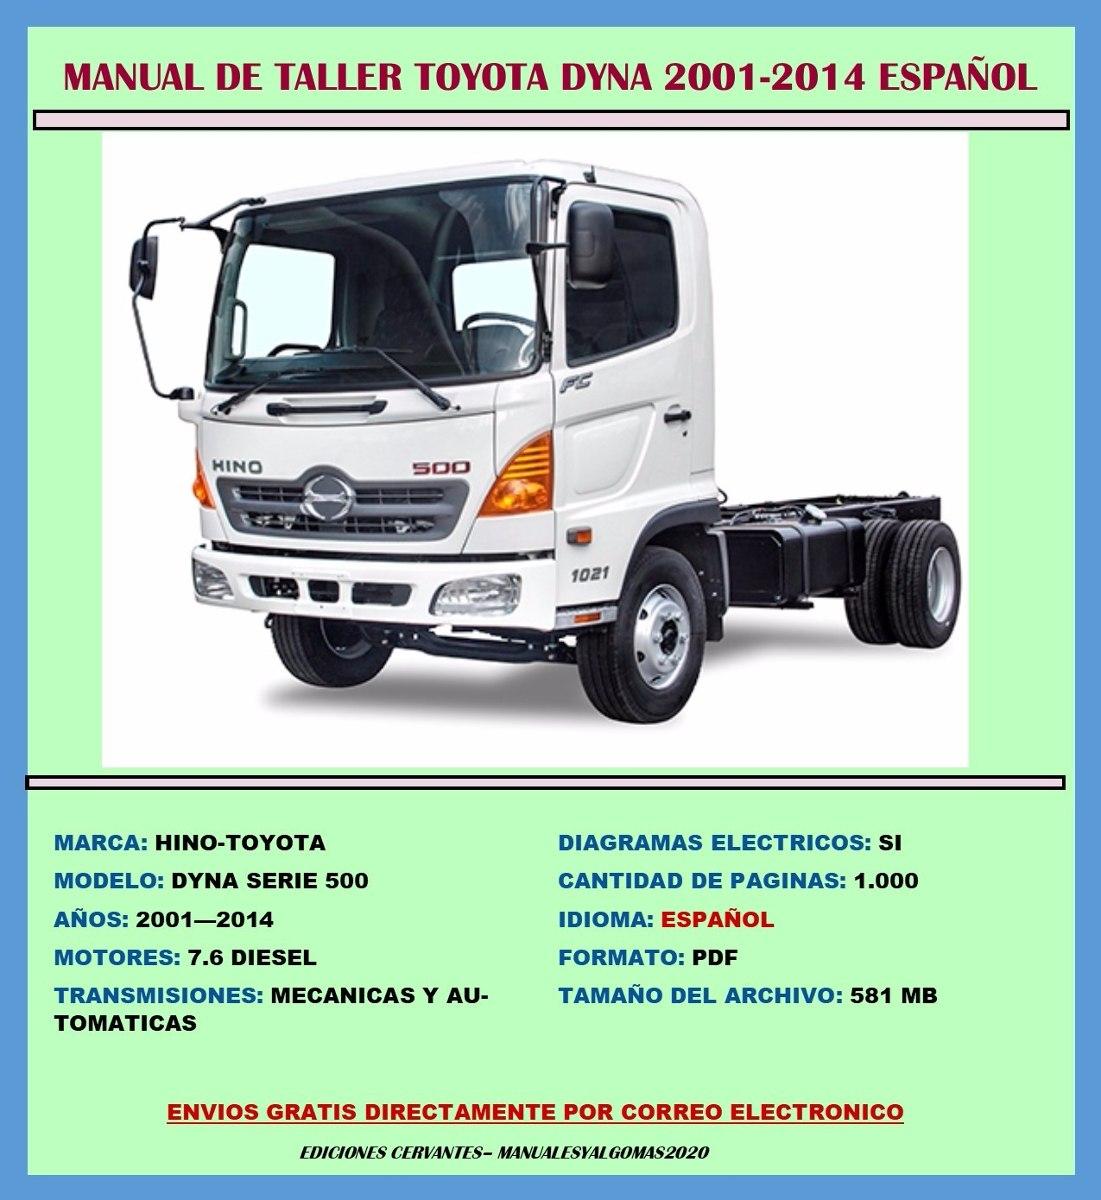 Manual De Taller Toyota Dyna Hino 500 2001-2014 Español - S/ 20,00 ...